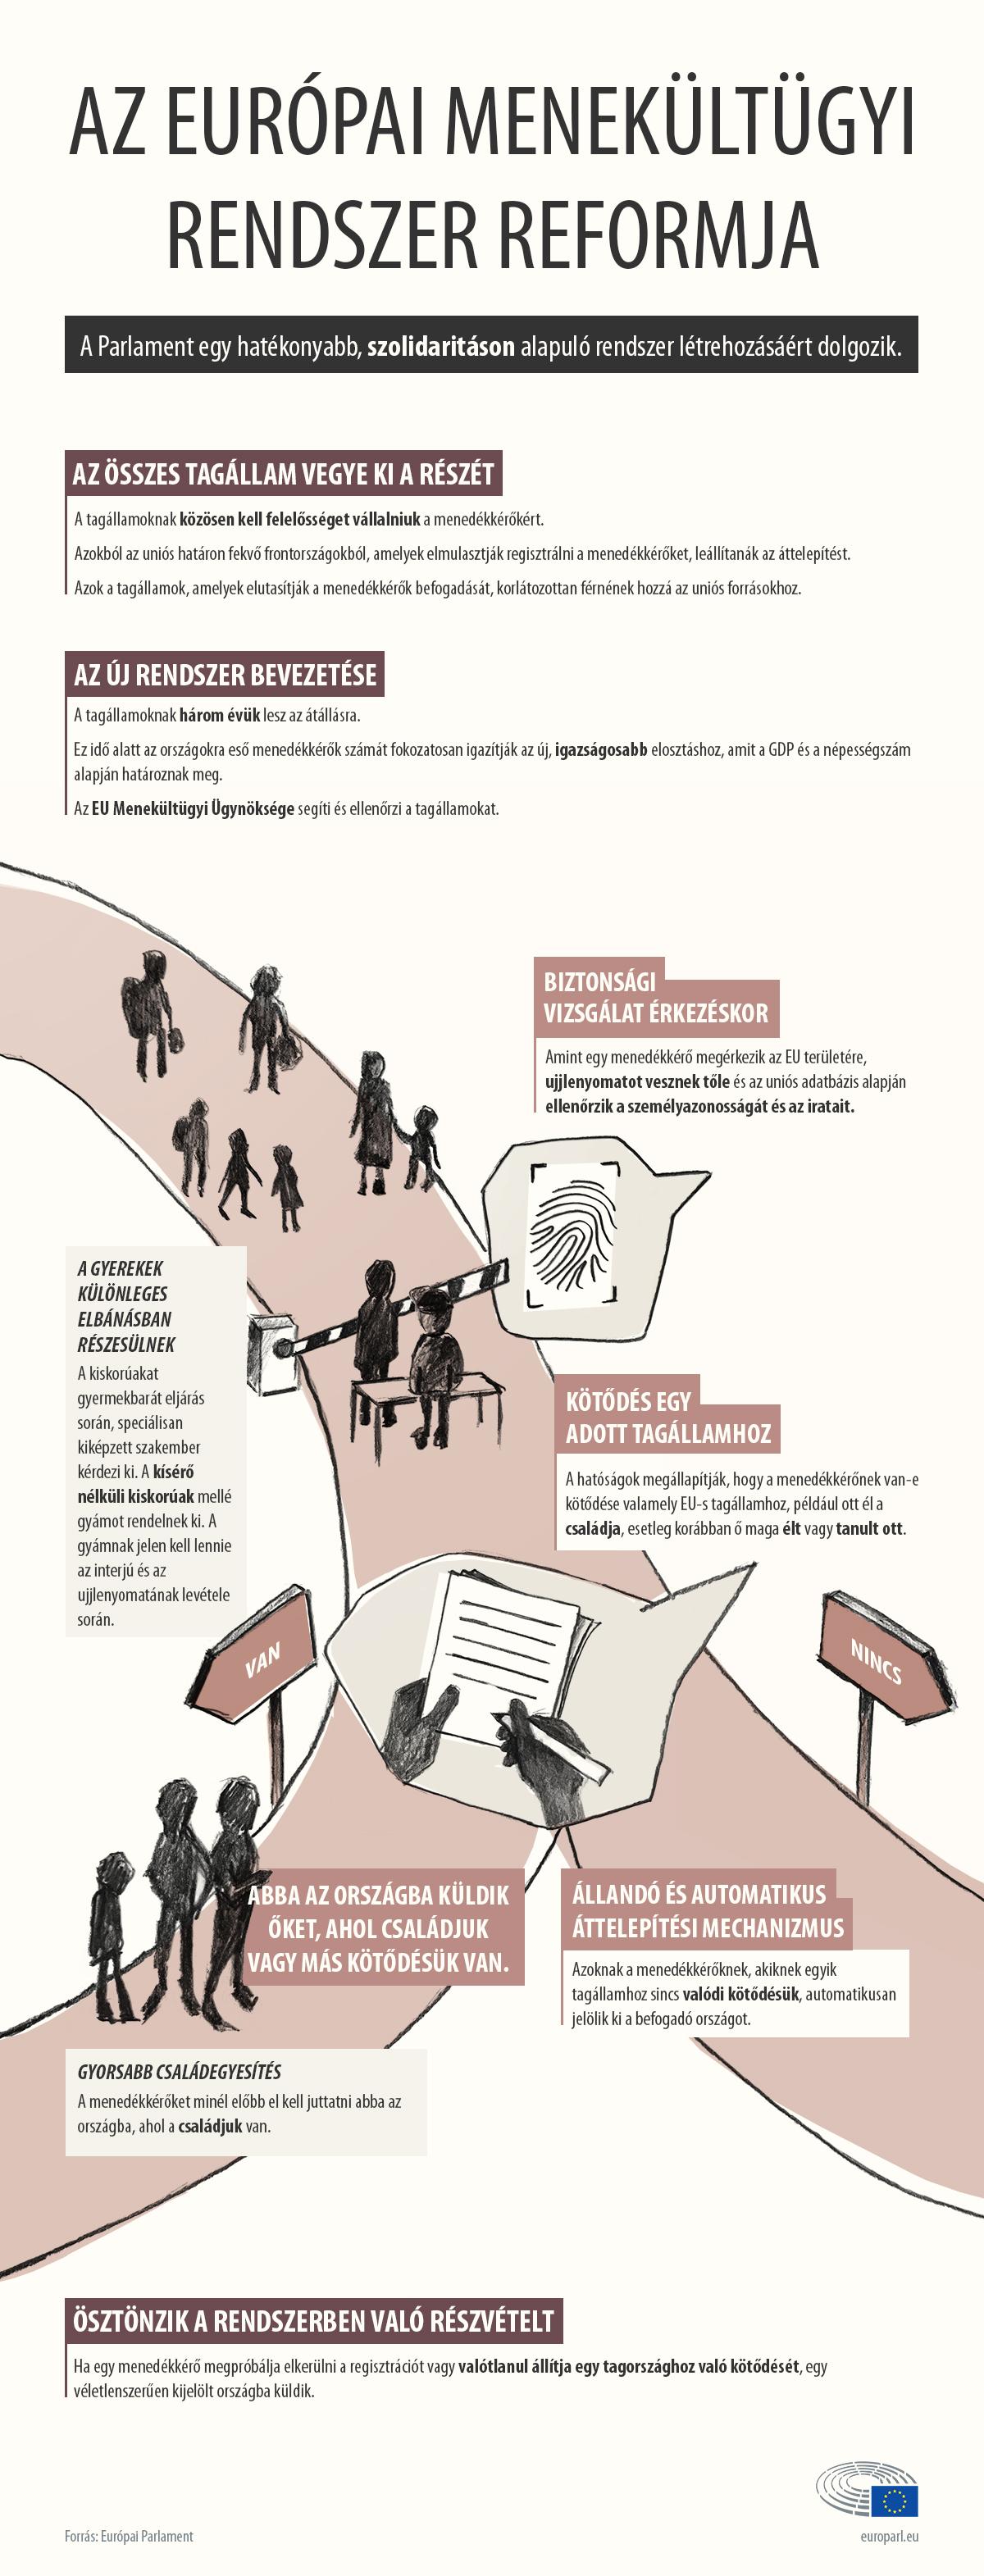 osztályozza a menedékjogi rendszereket a méregtelenítés megtisztítja a beleket